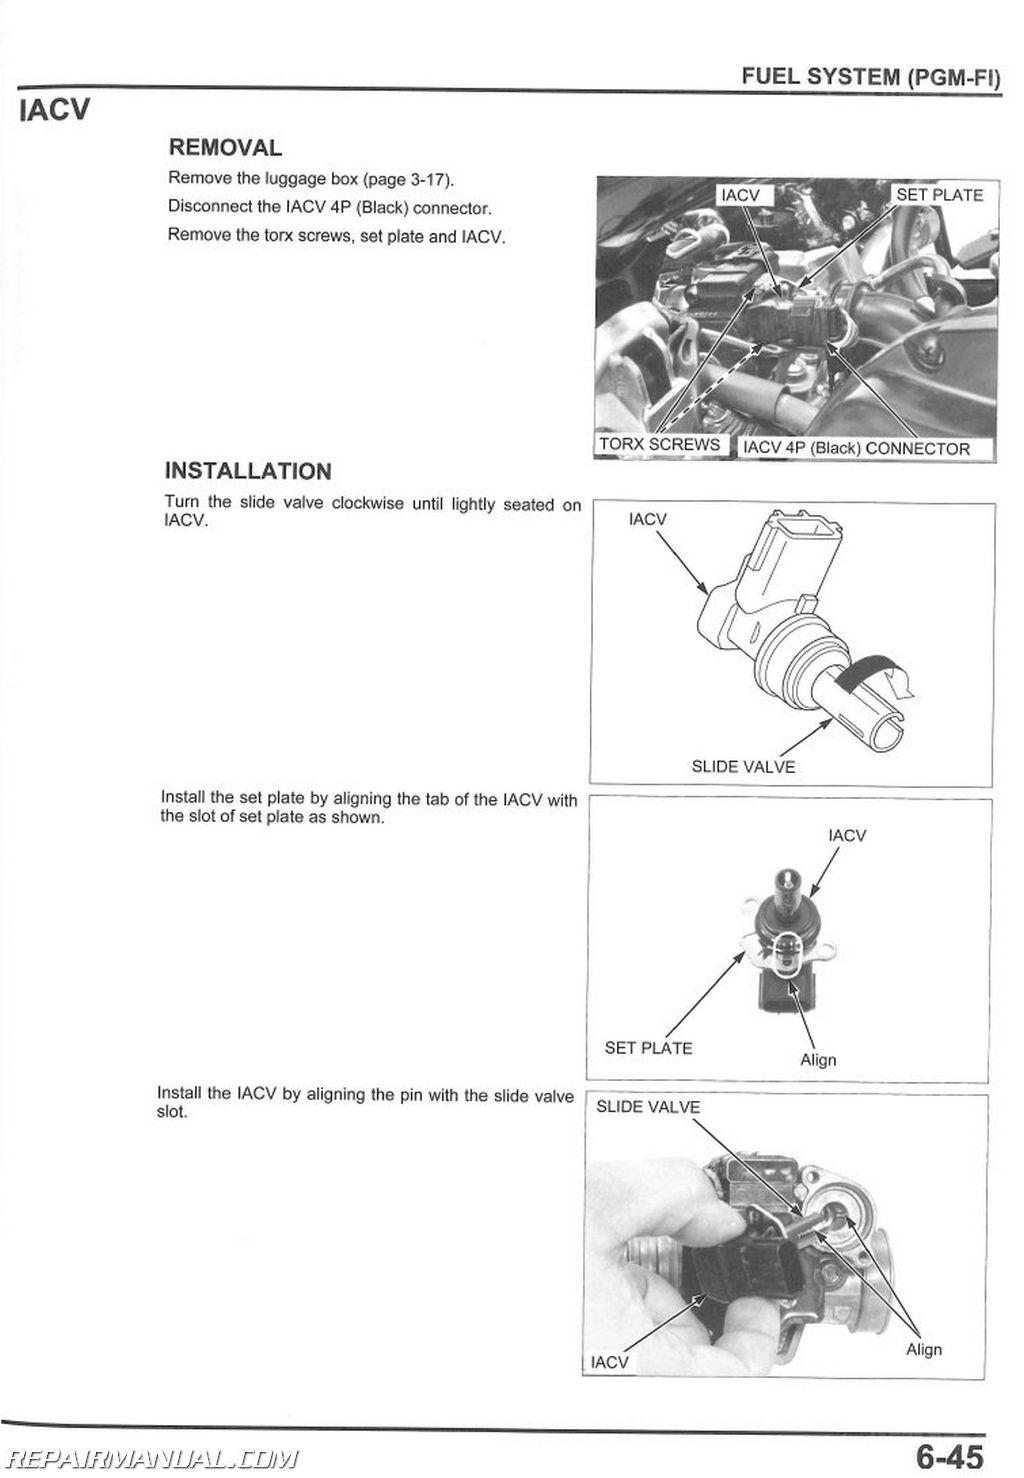 2011 honda pcx125 scooter service manual rh repairmanual com  owners manual honda pcx 125